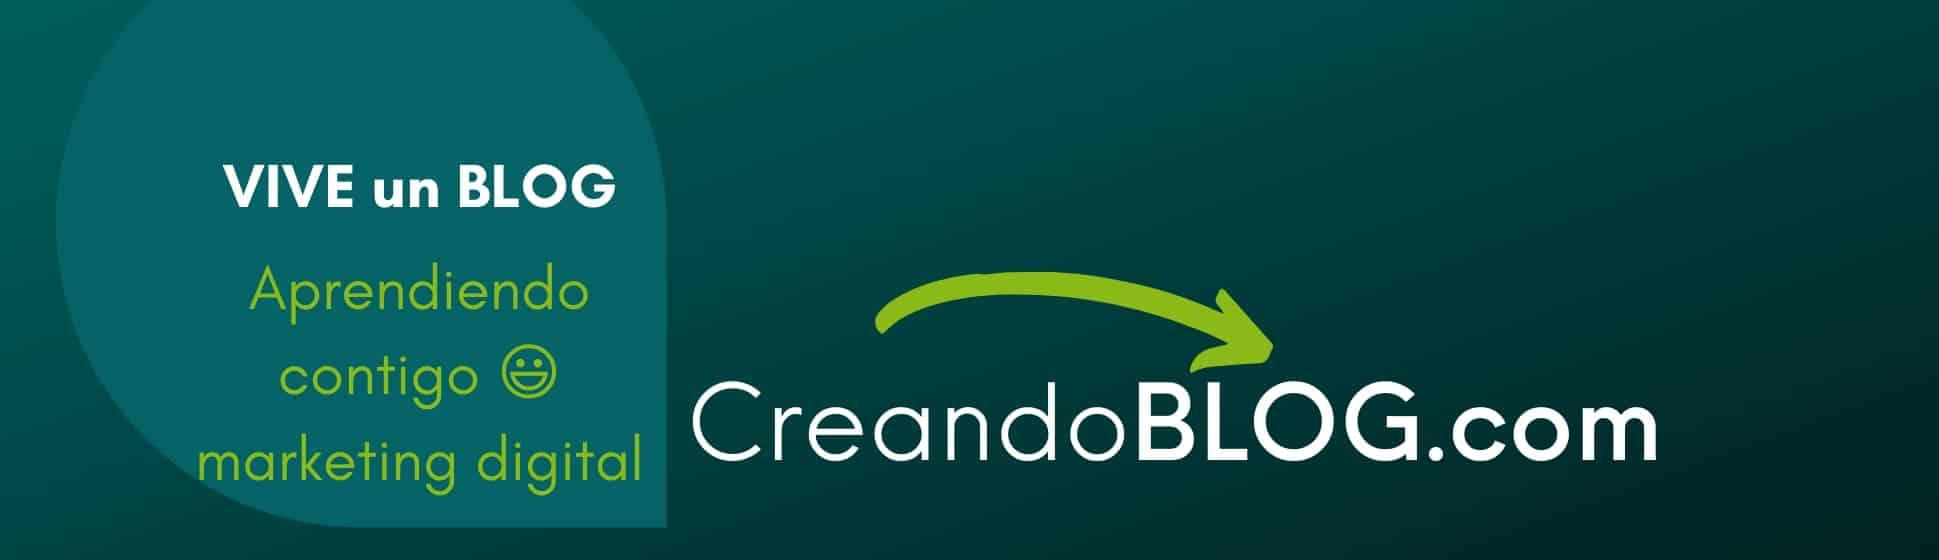 imagen VIVE un BLOG con creandoblog.com